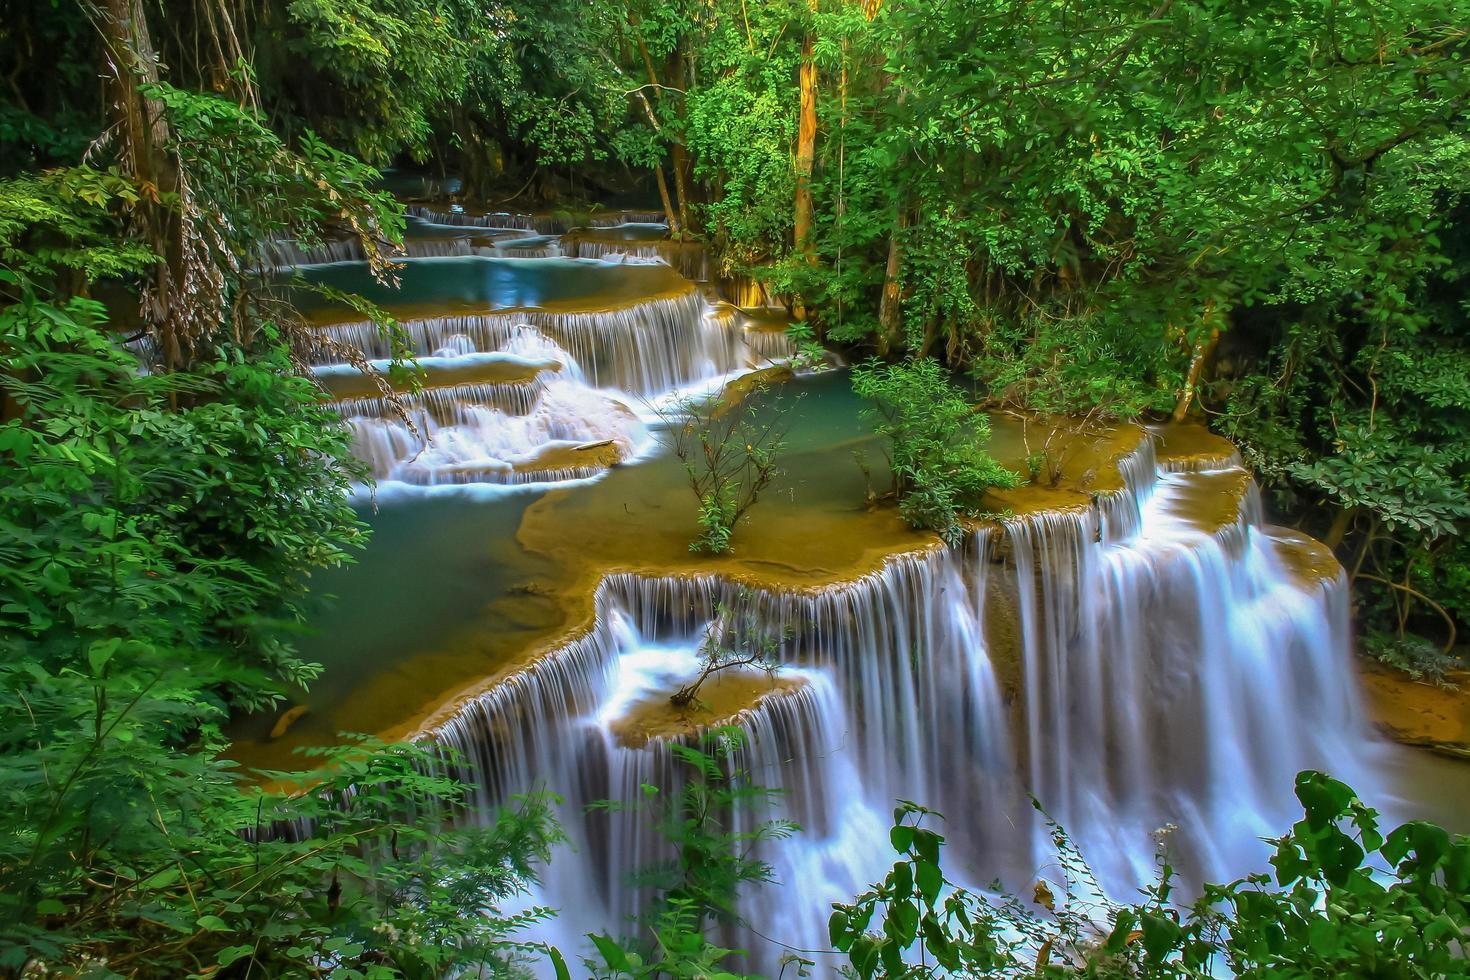 schöner Wasserfall mitten im Regenwald foto